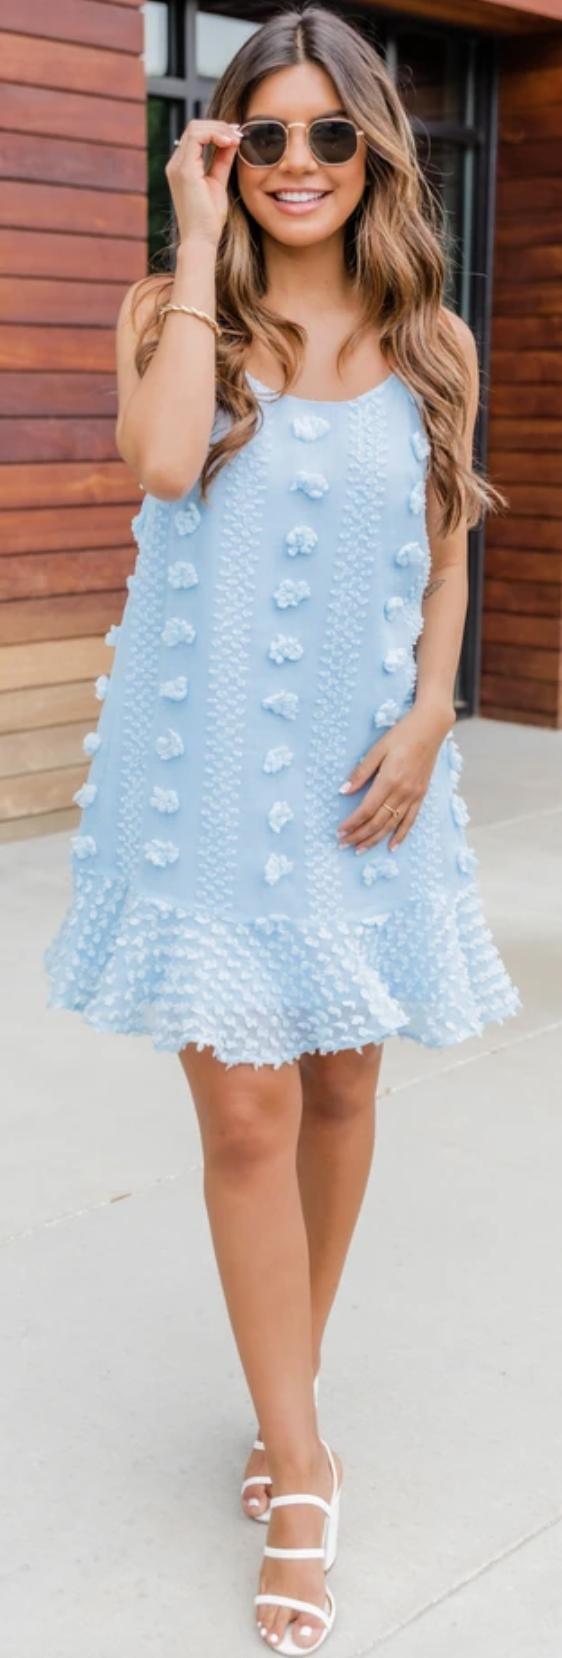 Dresses for sorority recruitment